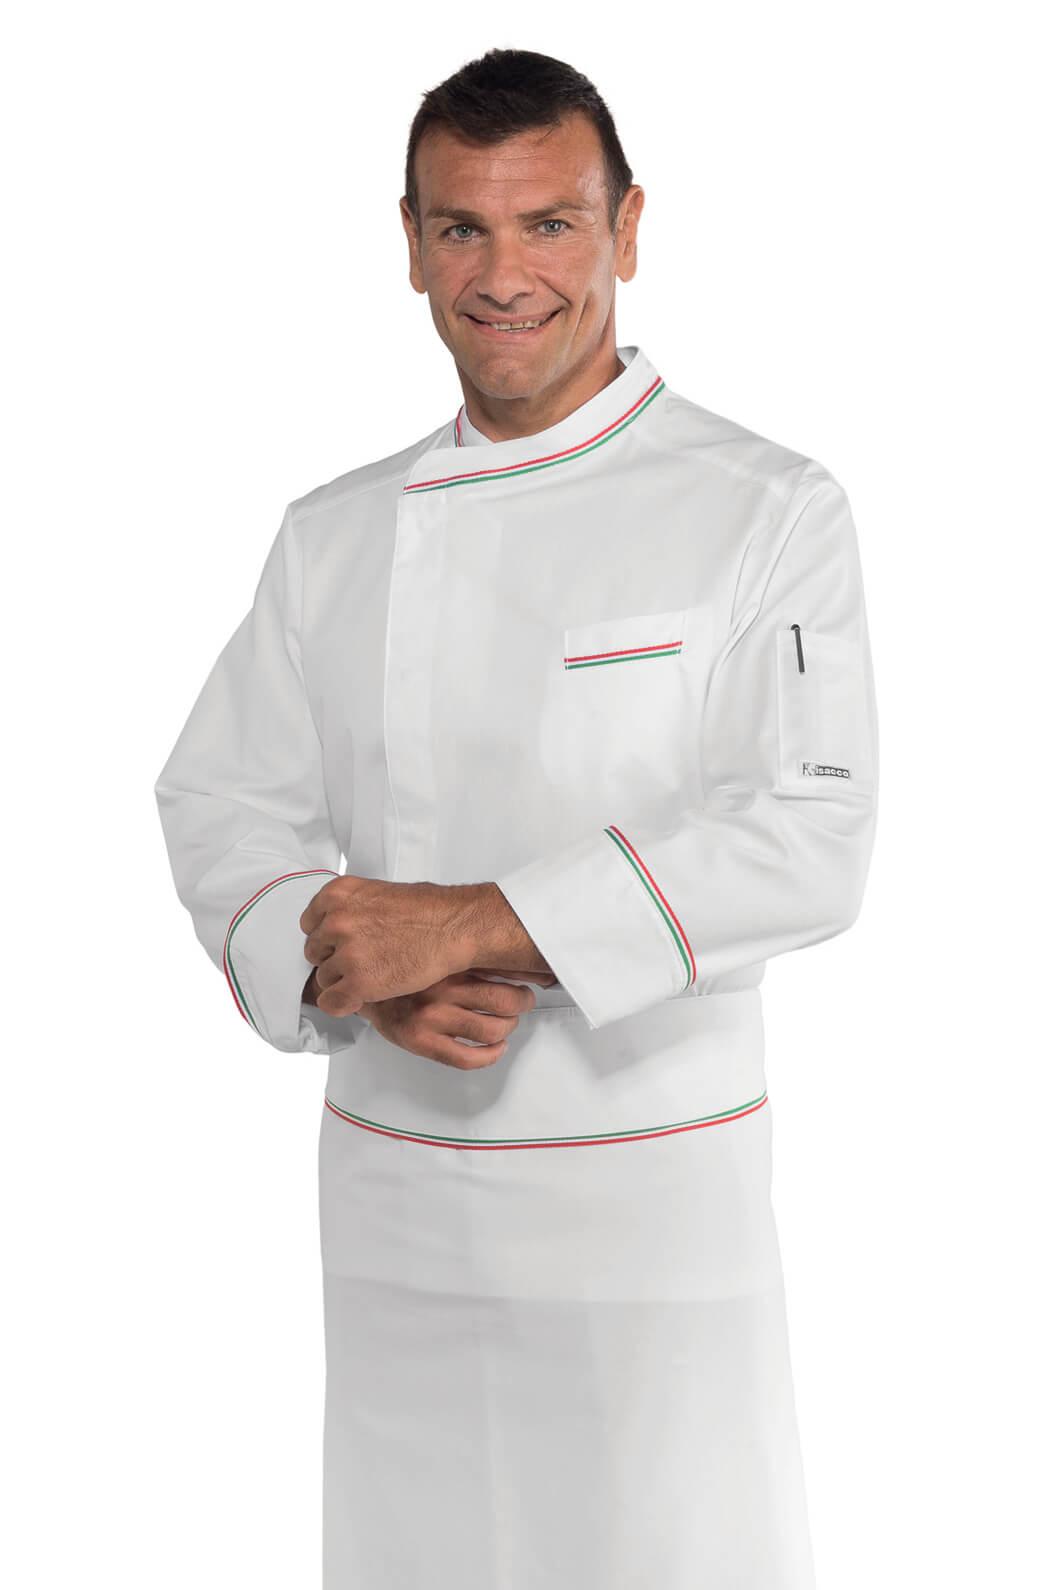 veste blanche de cuisine italienne 100 coton vestes de cuisine veste de cuisine blanche. Black Bedroom Furniture Sets. Home Design Ideas